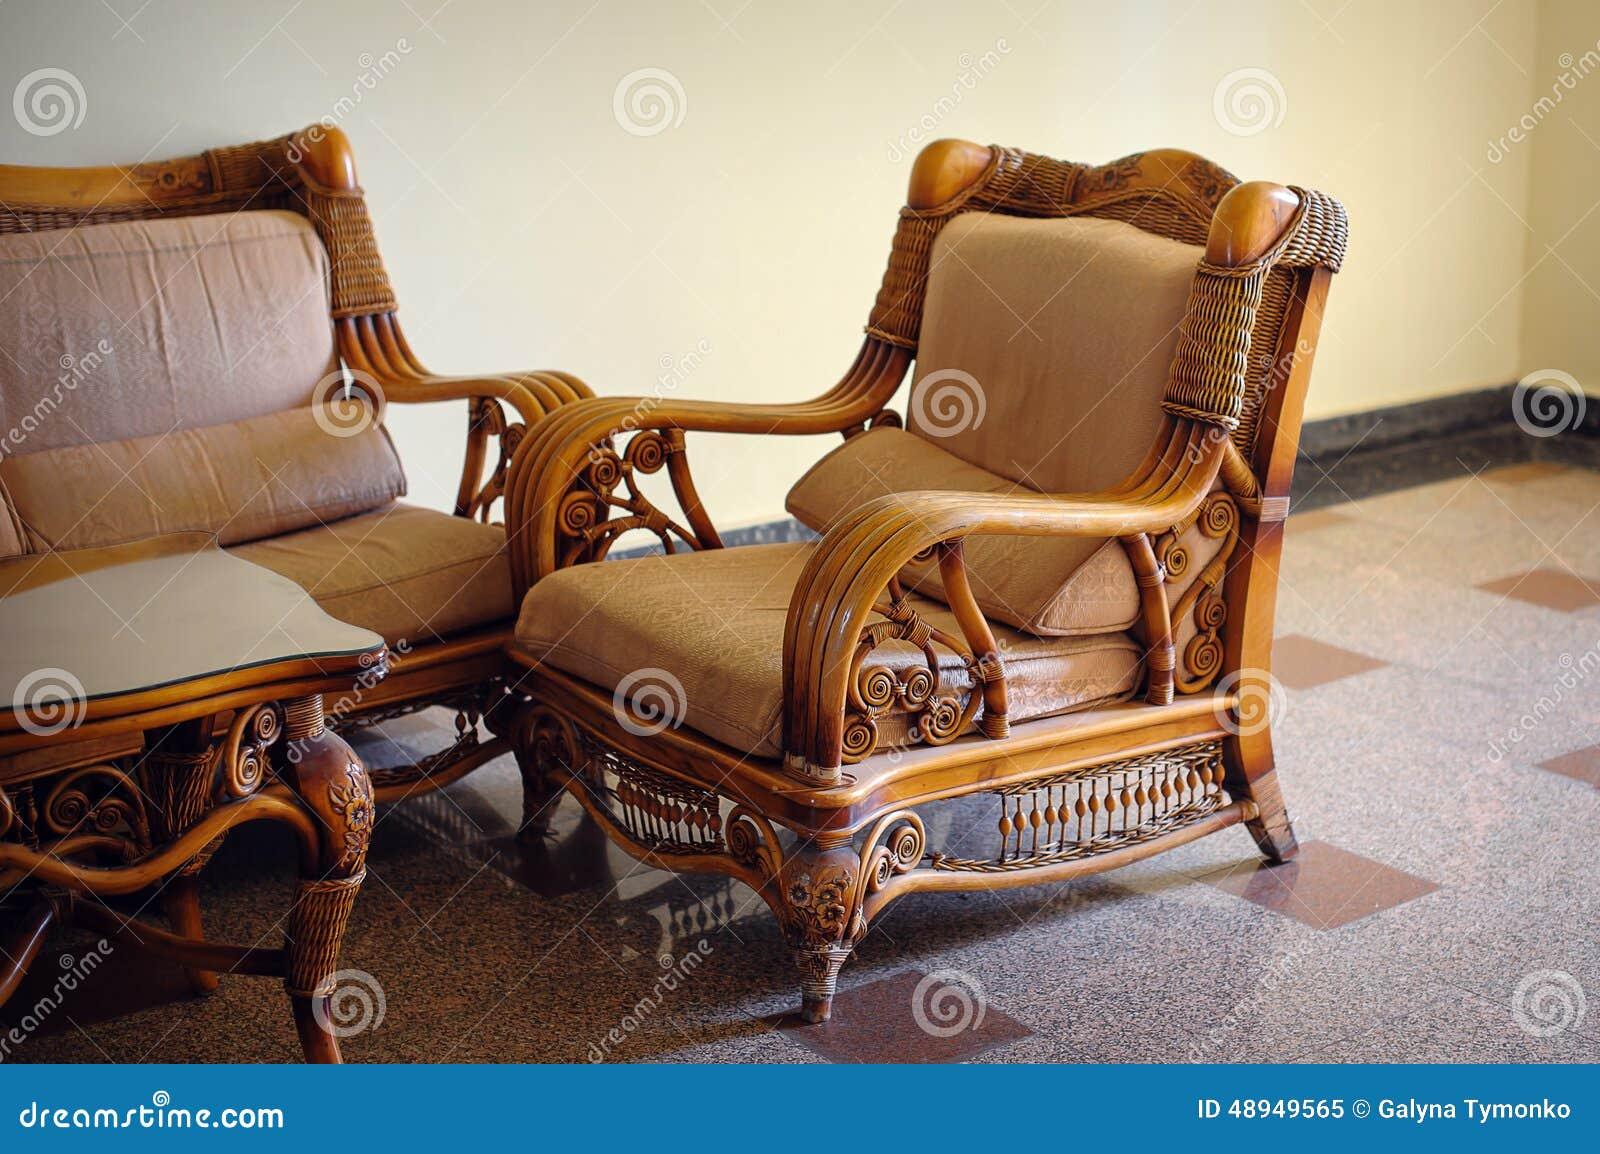 Vistoso Muebles De Sillas De Mimbre Marrón Colección - Muebles Para ...